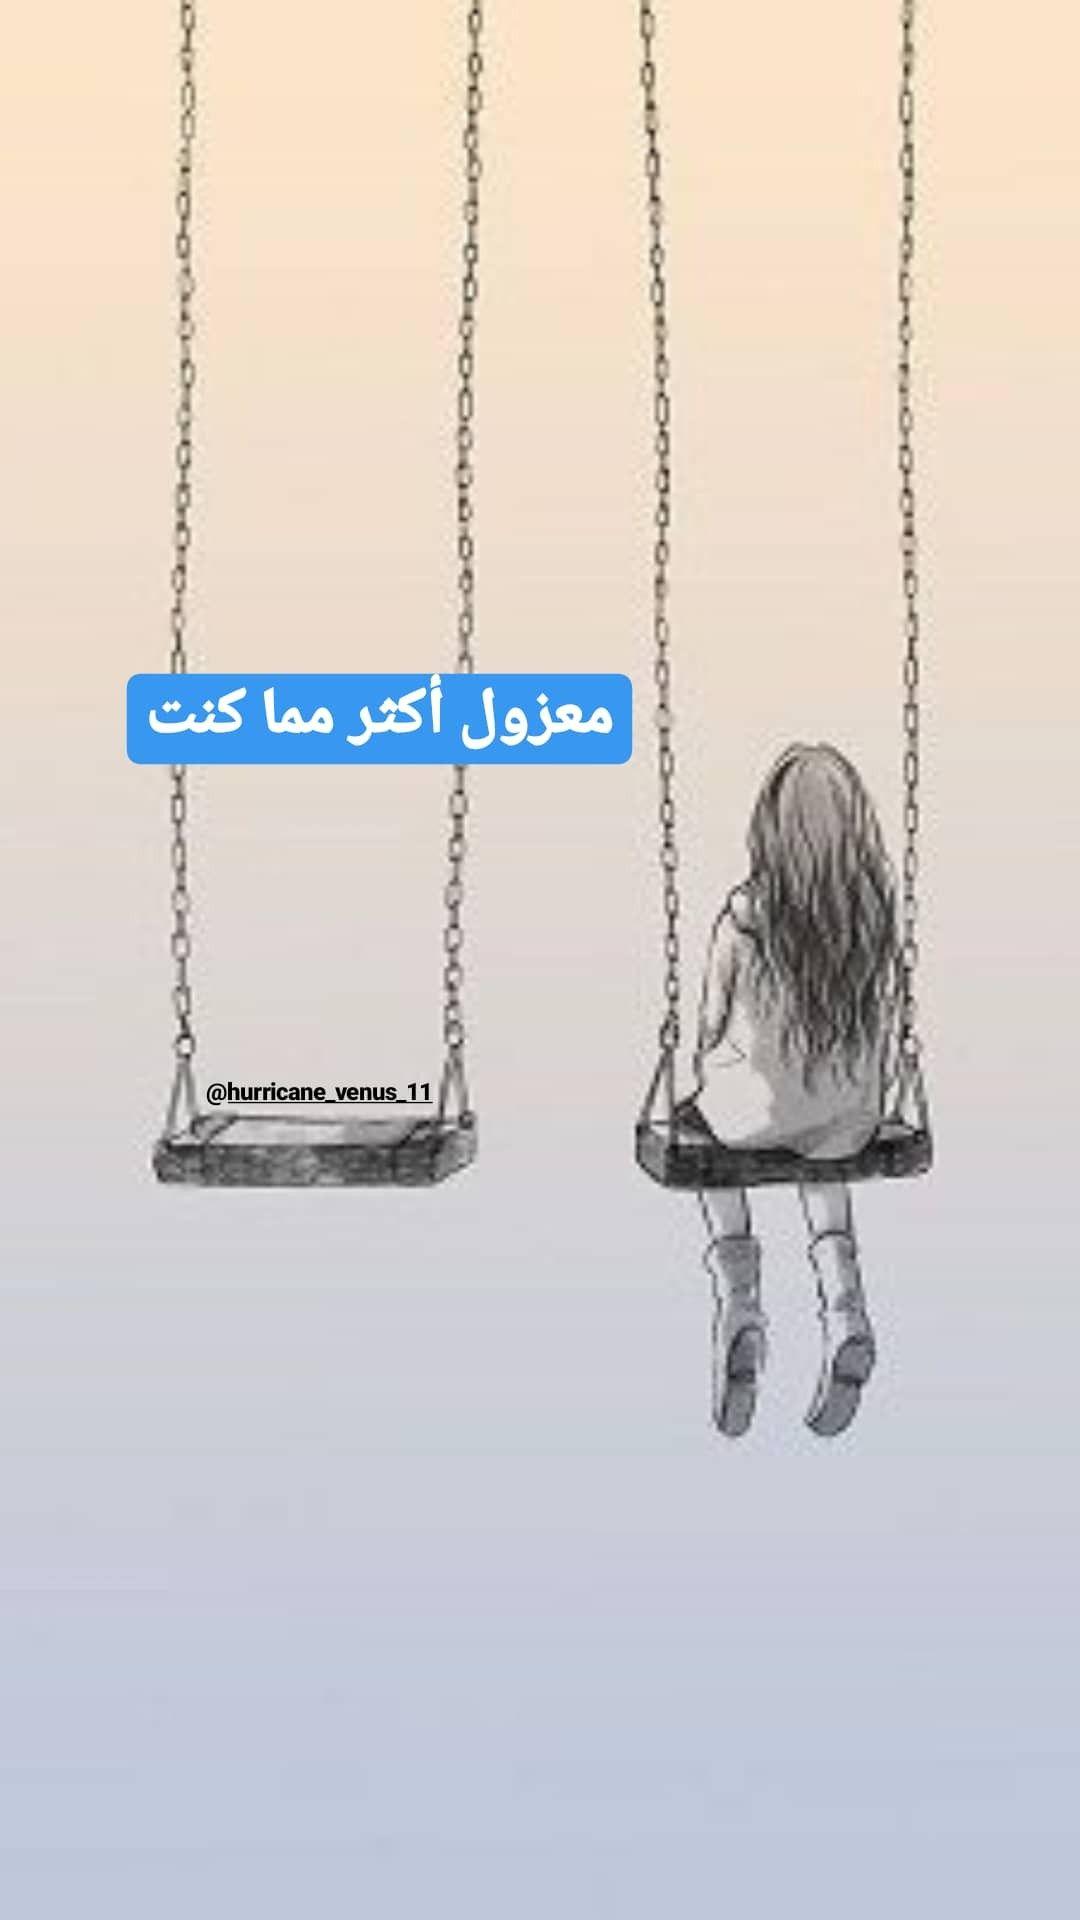 و أدركت كم أنا وحيدة و كم لم يعد يهمني من أحبني أو من أحببت Quotations Words English Words